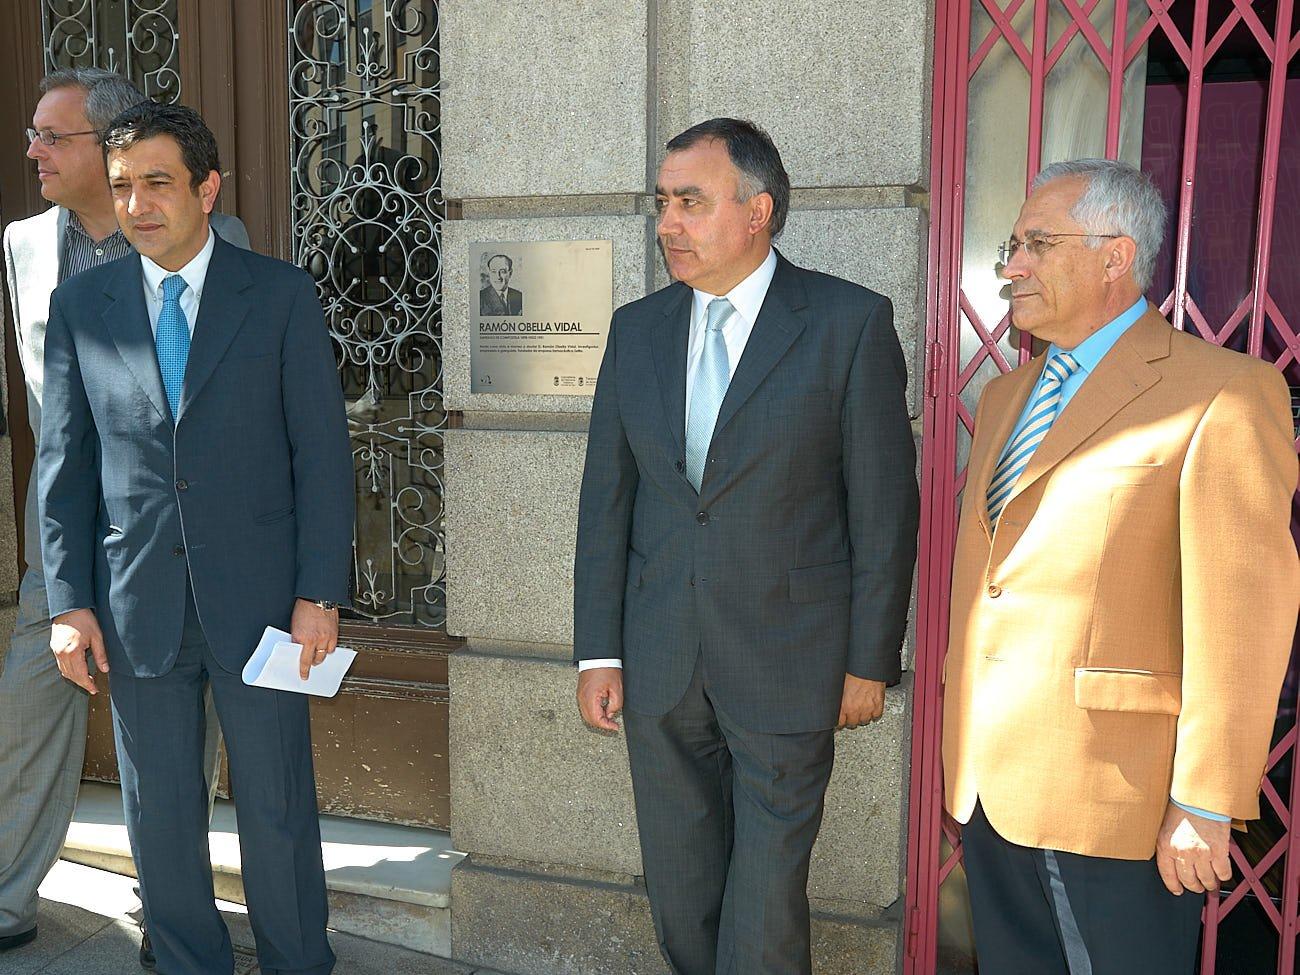 Descuberta unha placa conmemorativa no edificio onde vivíu e morreu Ramón Obella Vidal- Foro Peinador - 20/07/2009